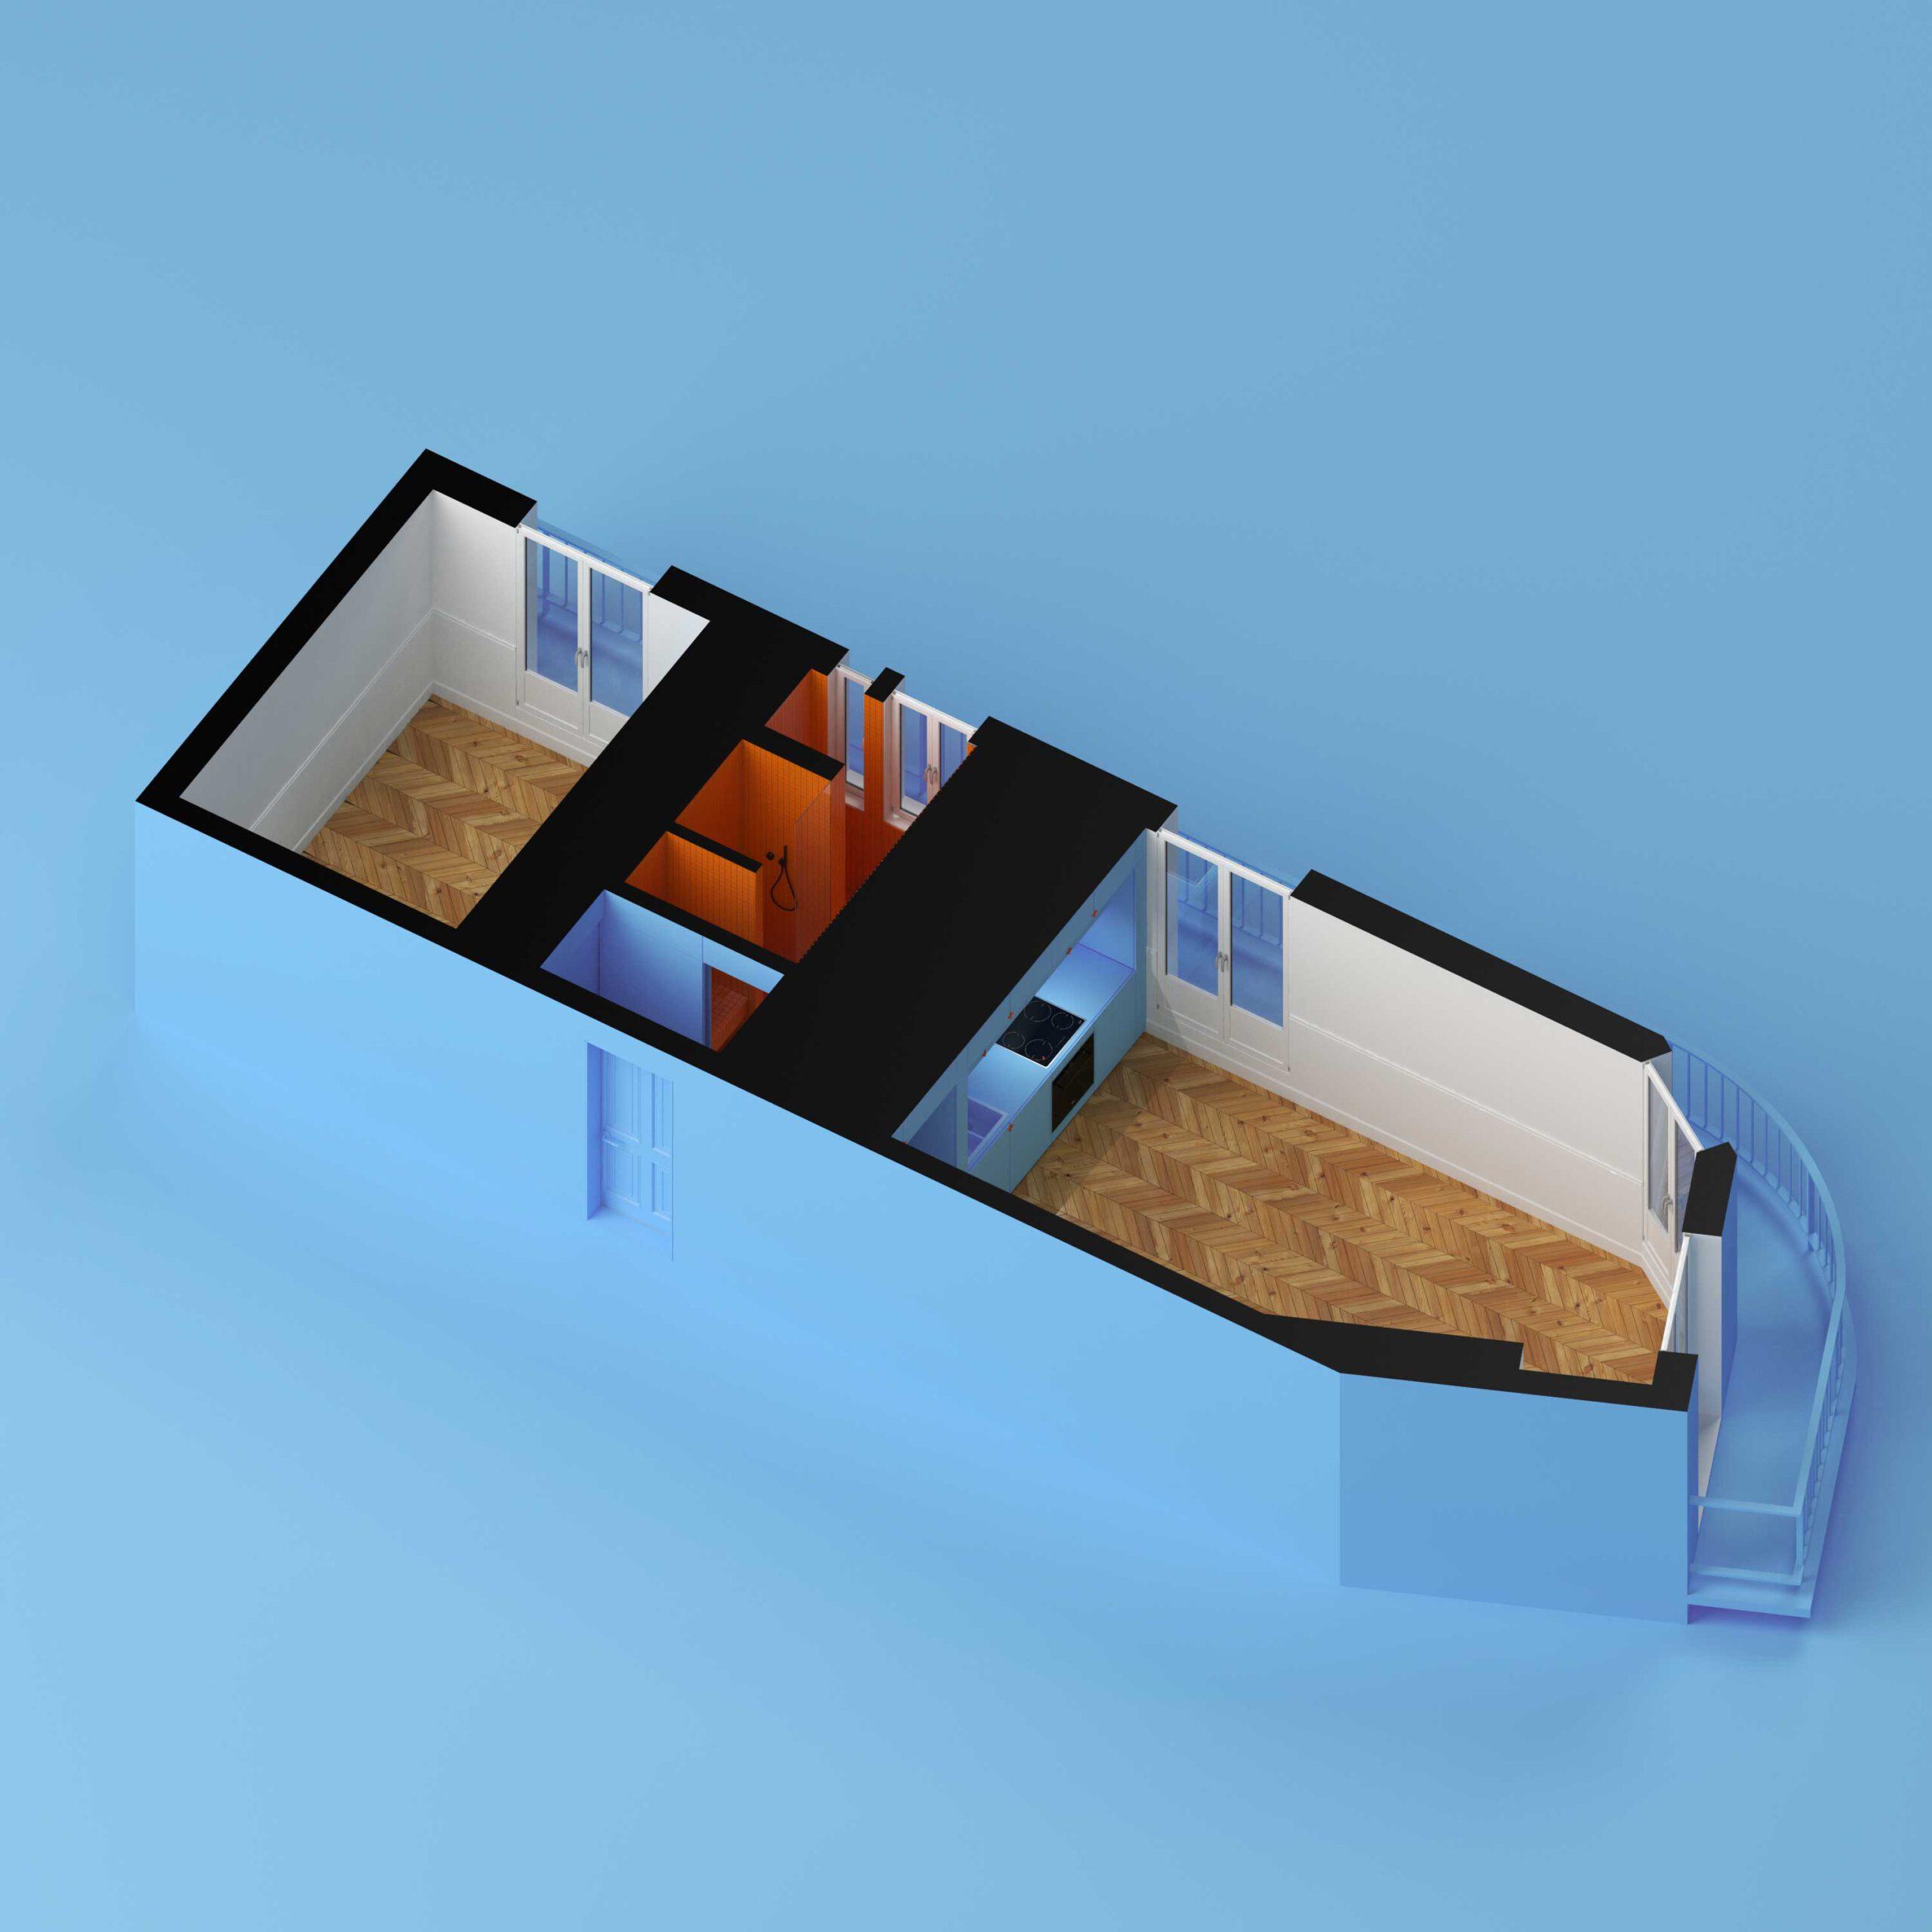 kawalerka blue cube